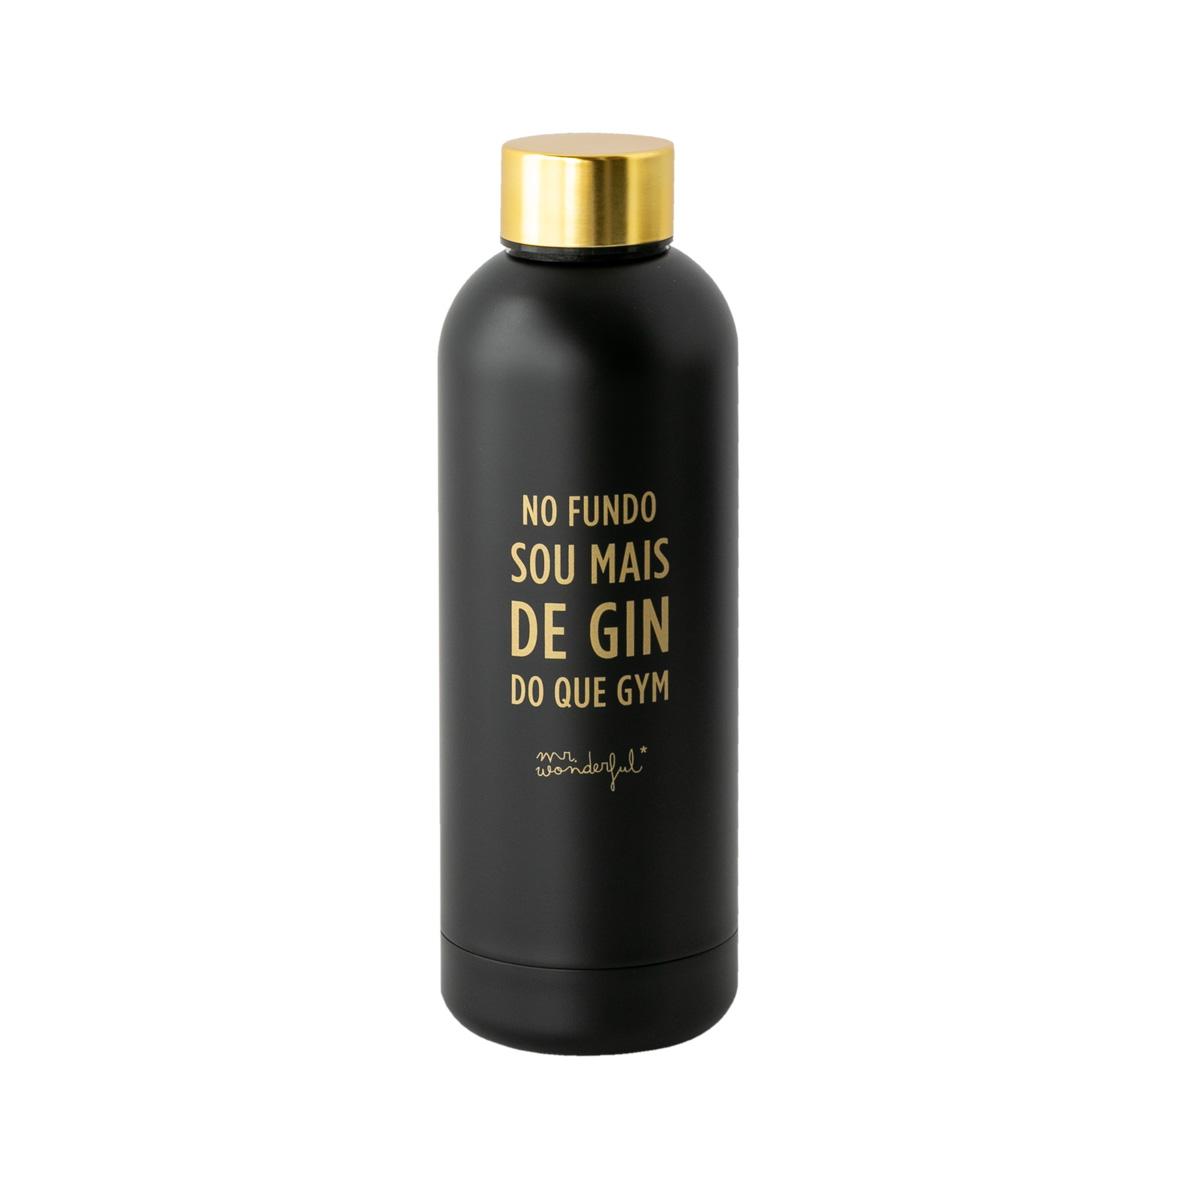 Garrafa Black&Gold - No Fundo Sou Mais de Gin Do Que Gym